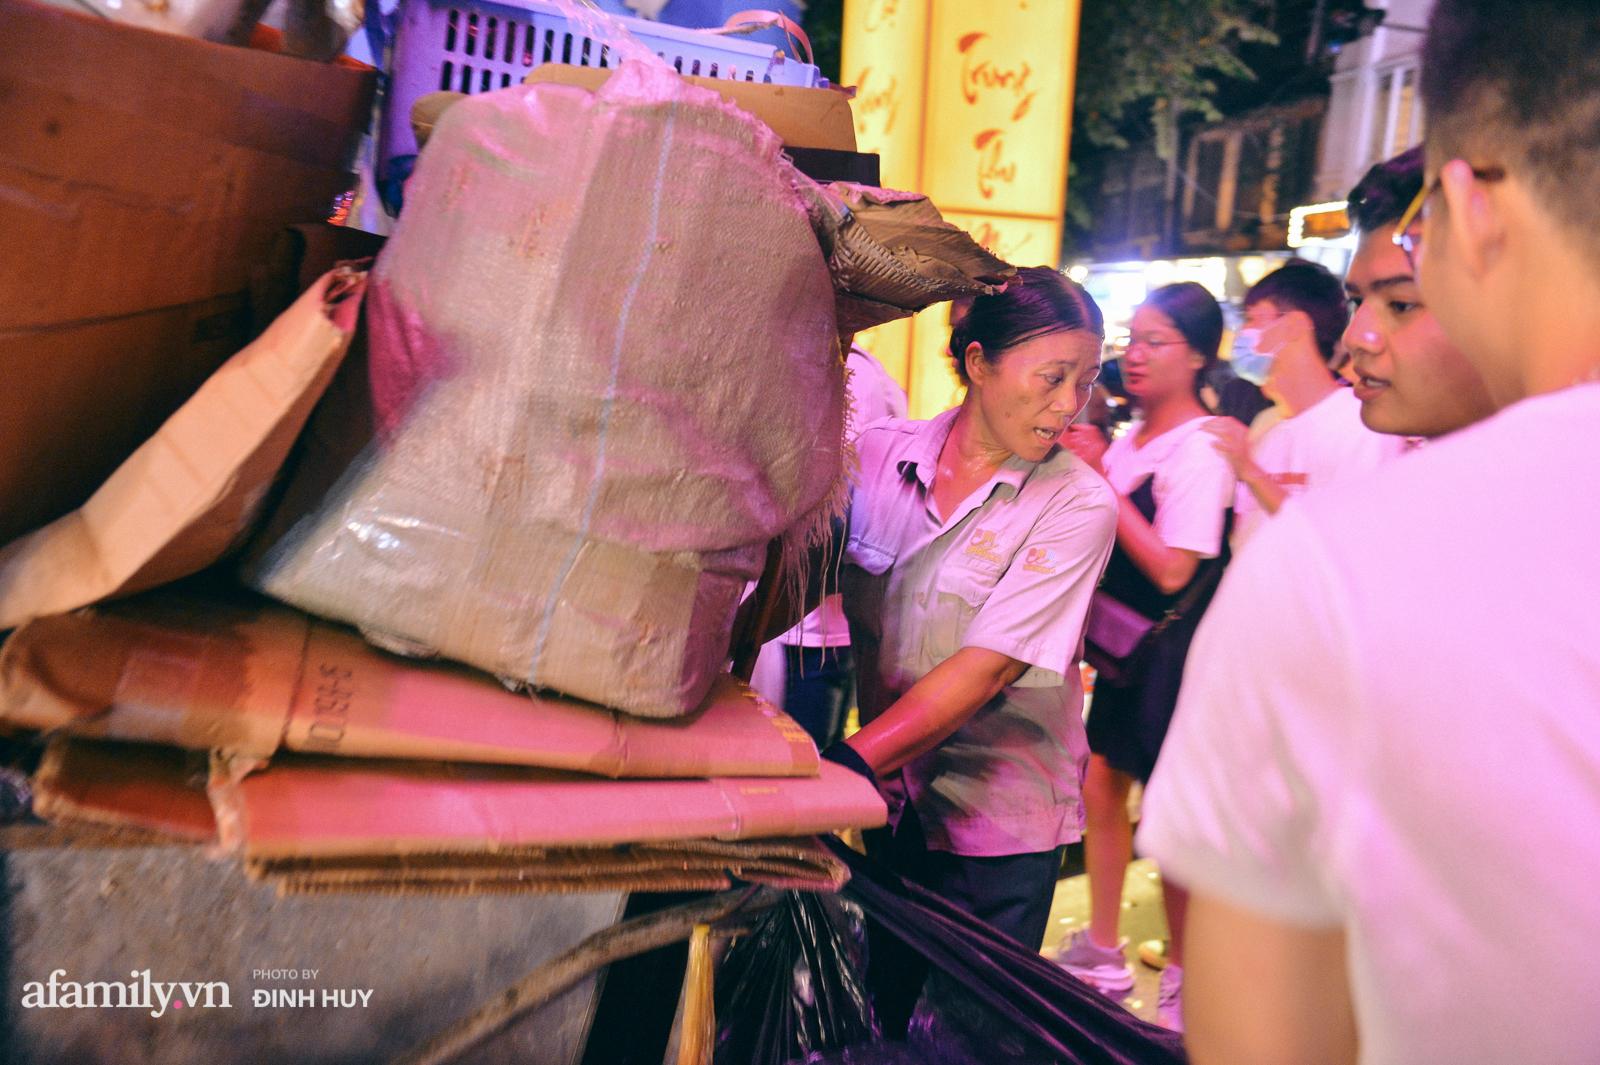 Đêm Trung thu chìm trong rác thải của cô công nhân vệ sinh trên phố cổ - Ảnh 2.